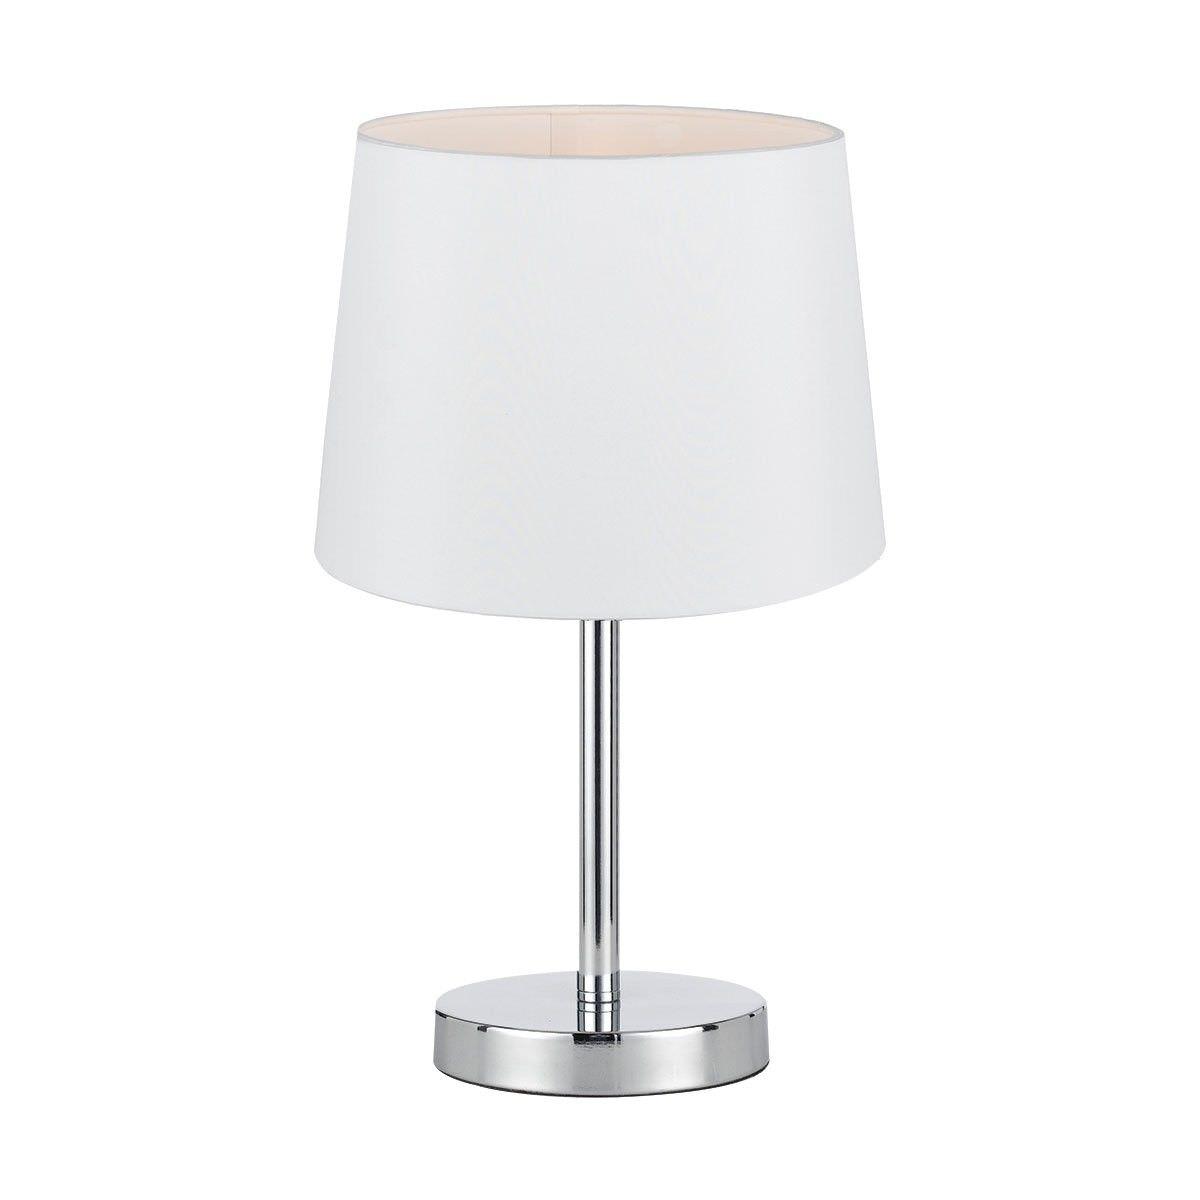 Adam Table Lamp, White